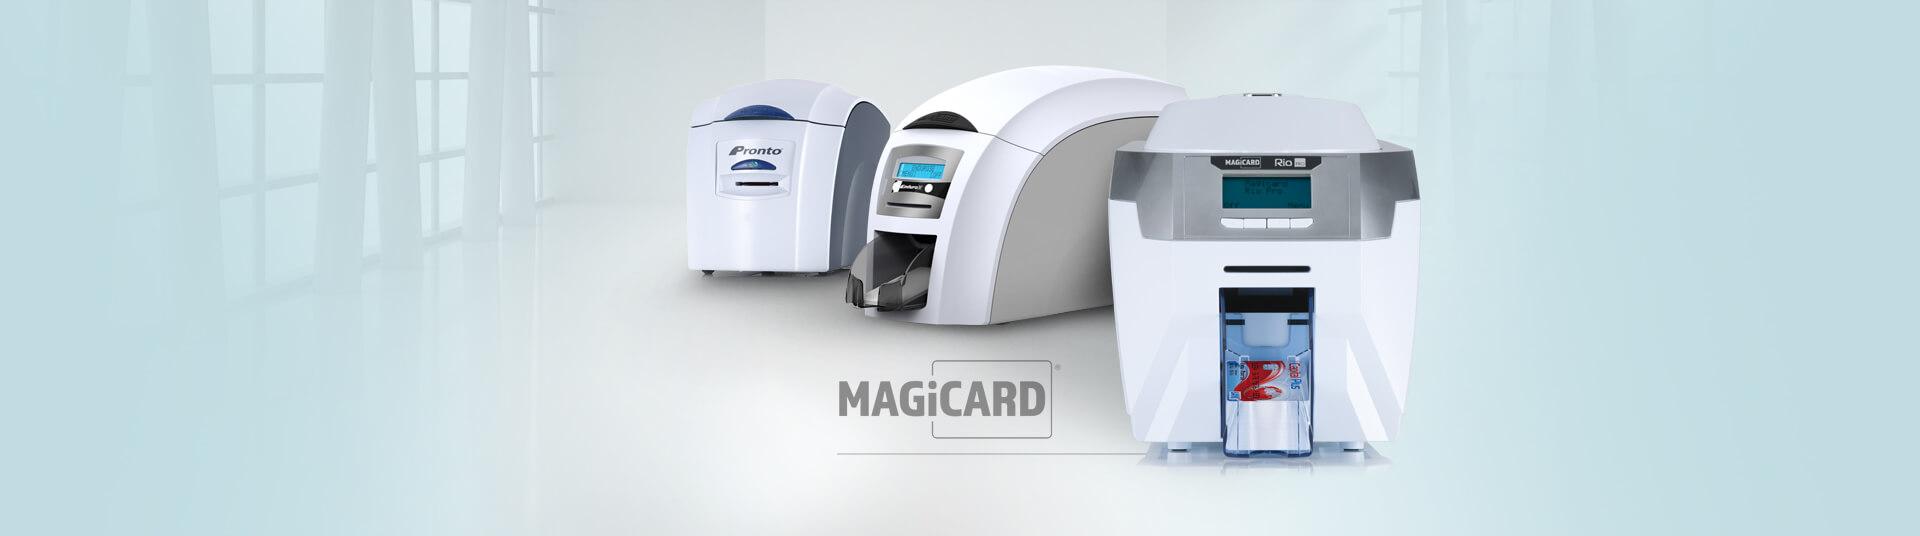 Magicard ID Badge Printer